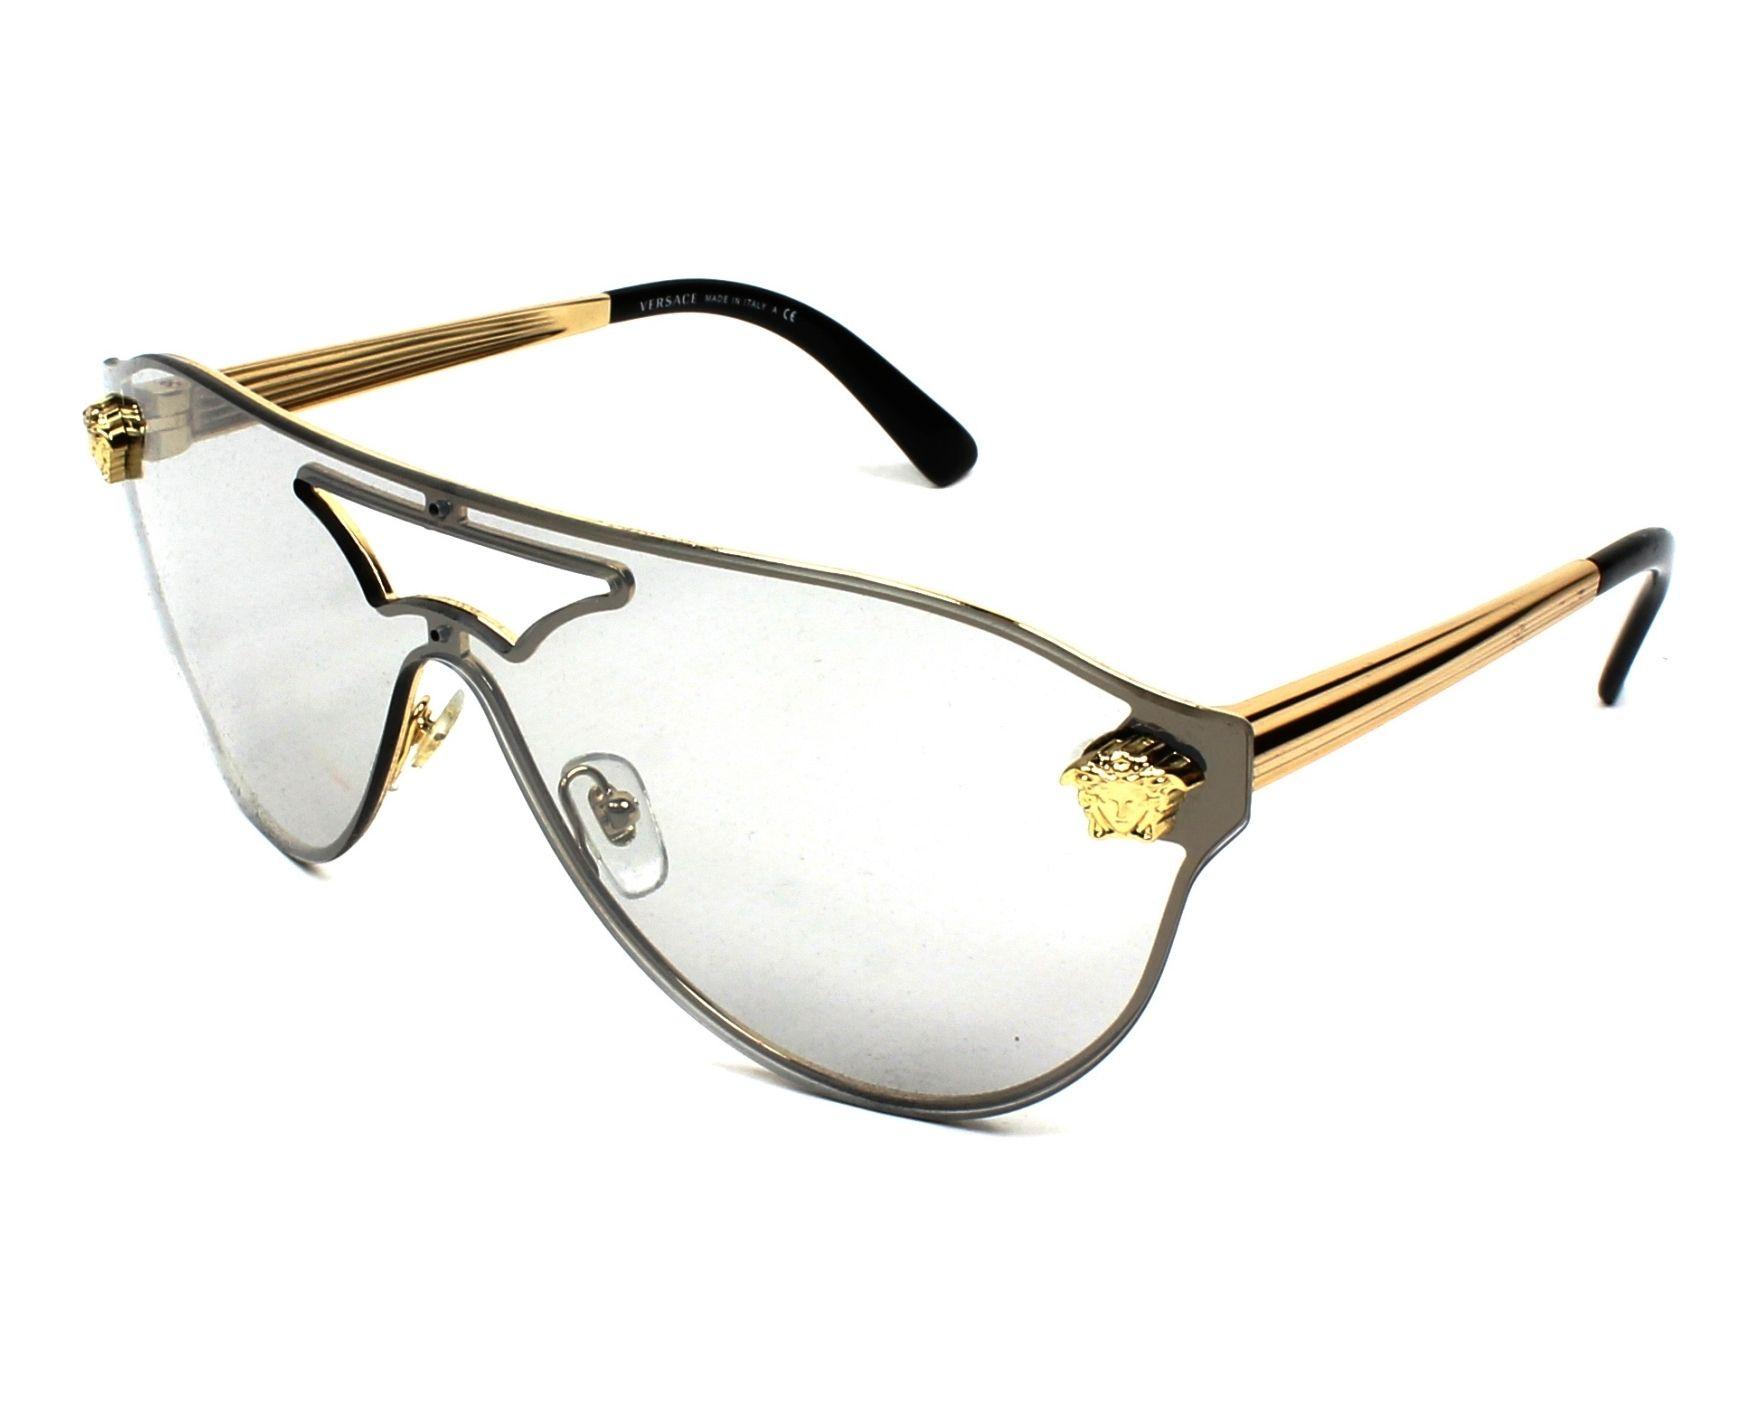 924167cf297 Lunettes de soleil Versace VE-2161 1002 6G 99- Or vue de profil